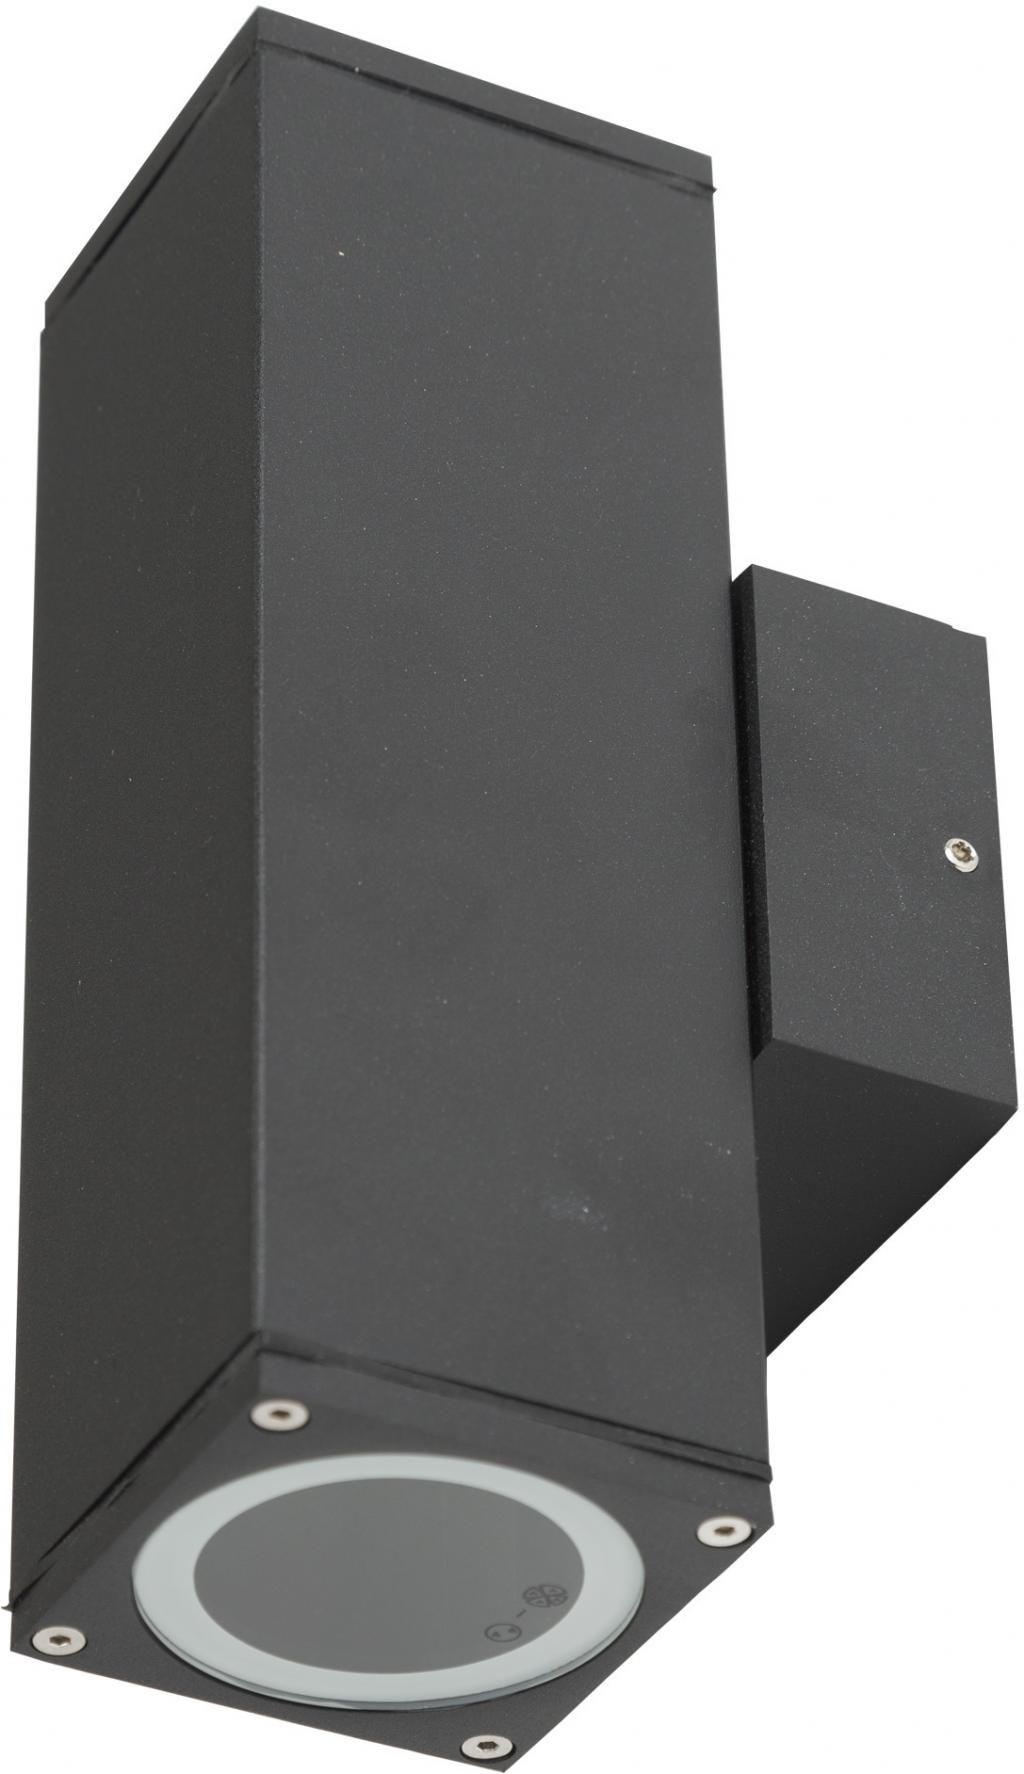 Au en wandlampe kelvin up down aluminium schwarz ks verlichting kaufen lilianshouse - Aussen wandlampe ...